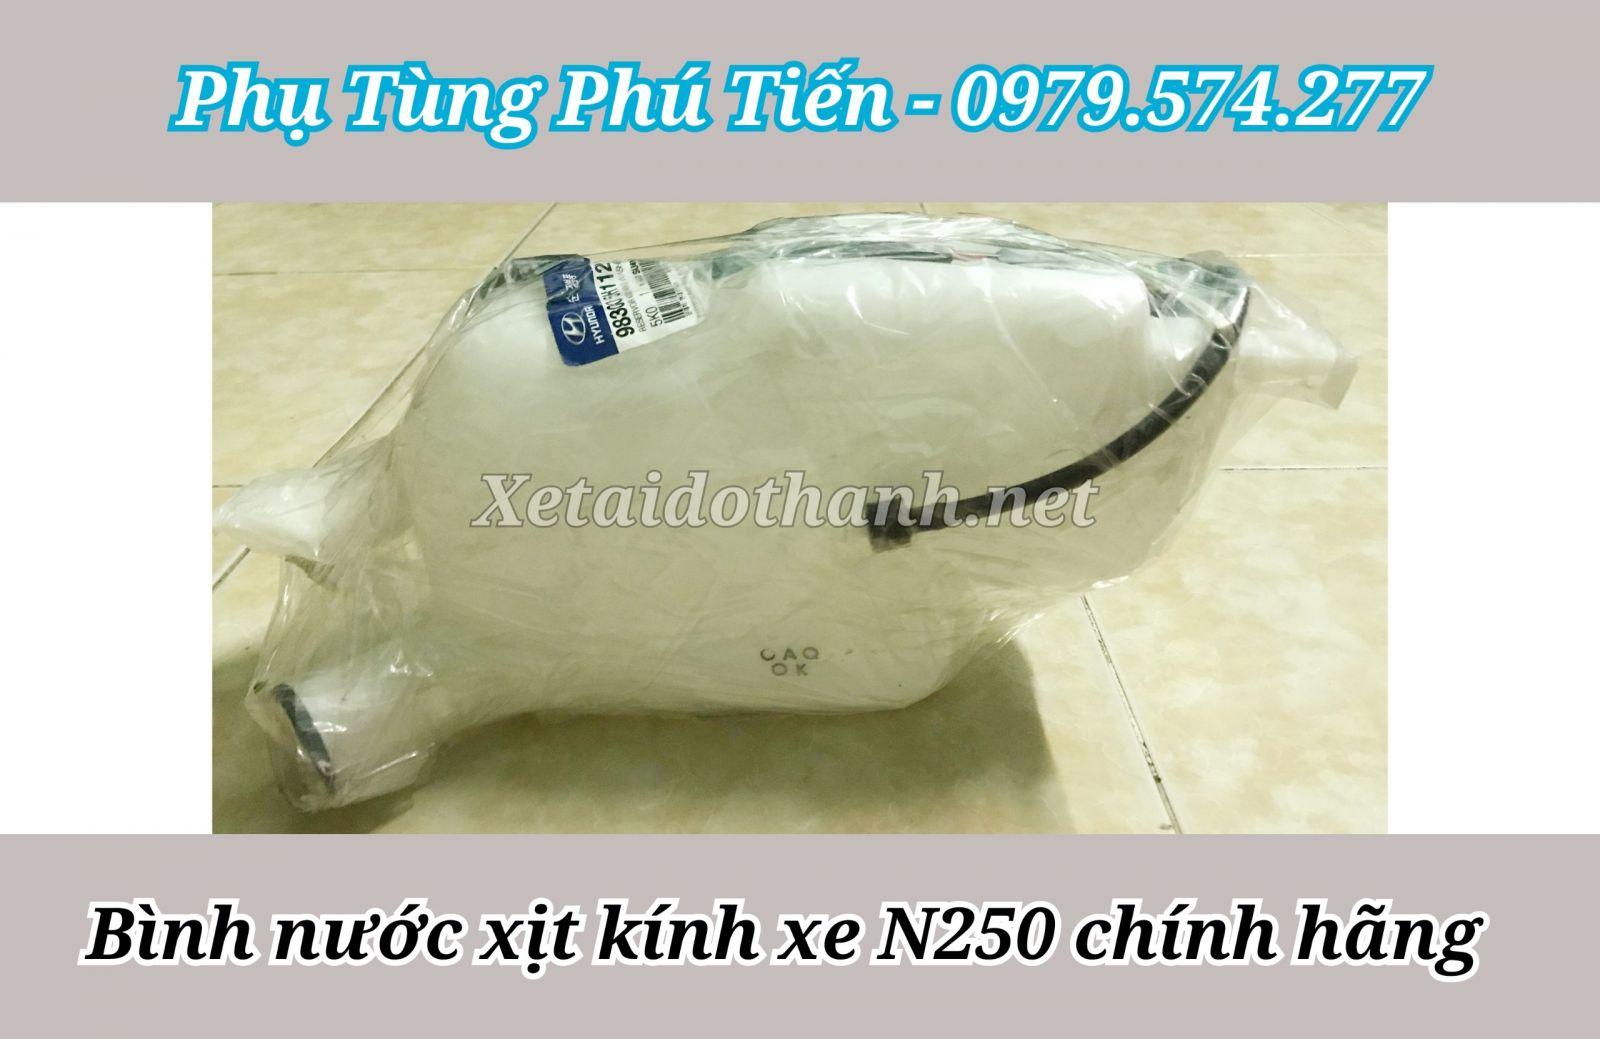 BINH NUOC N250